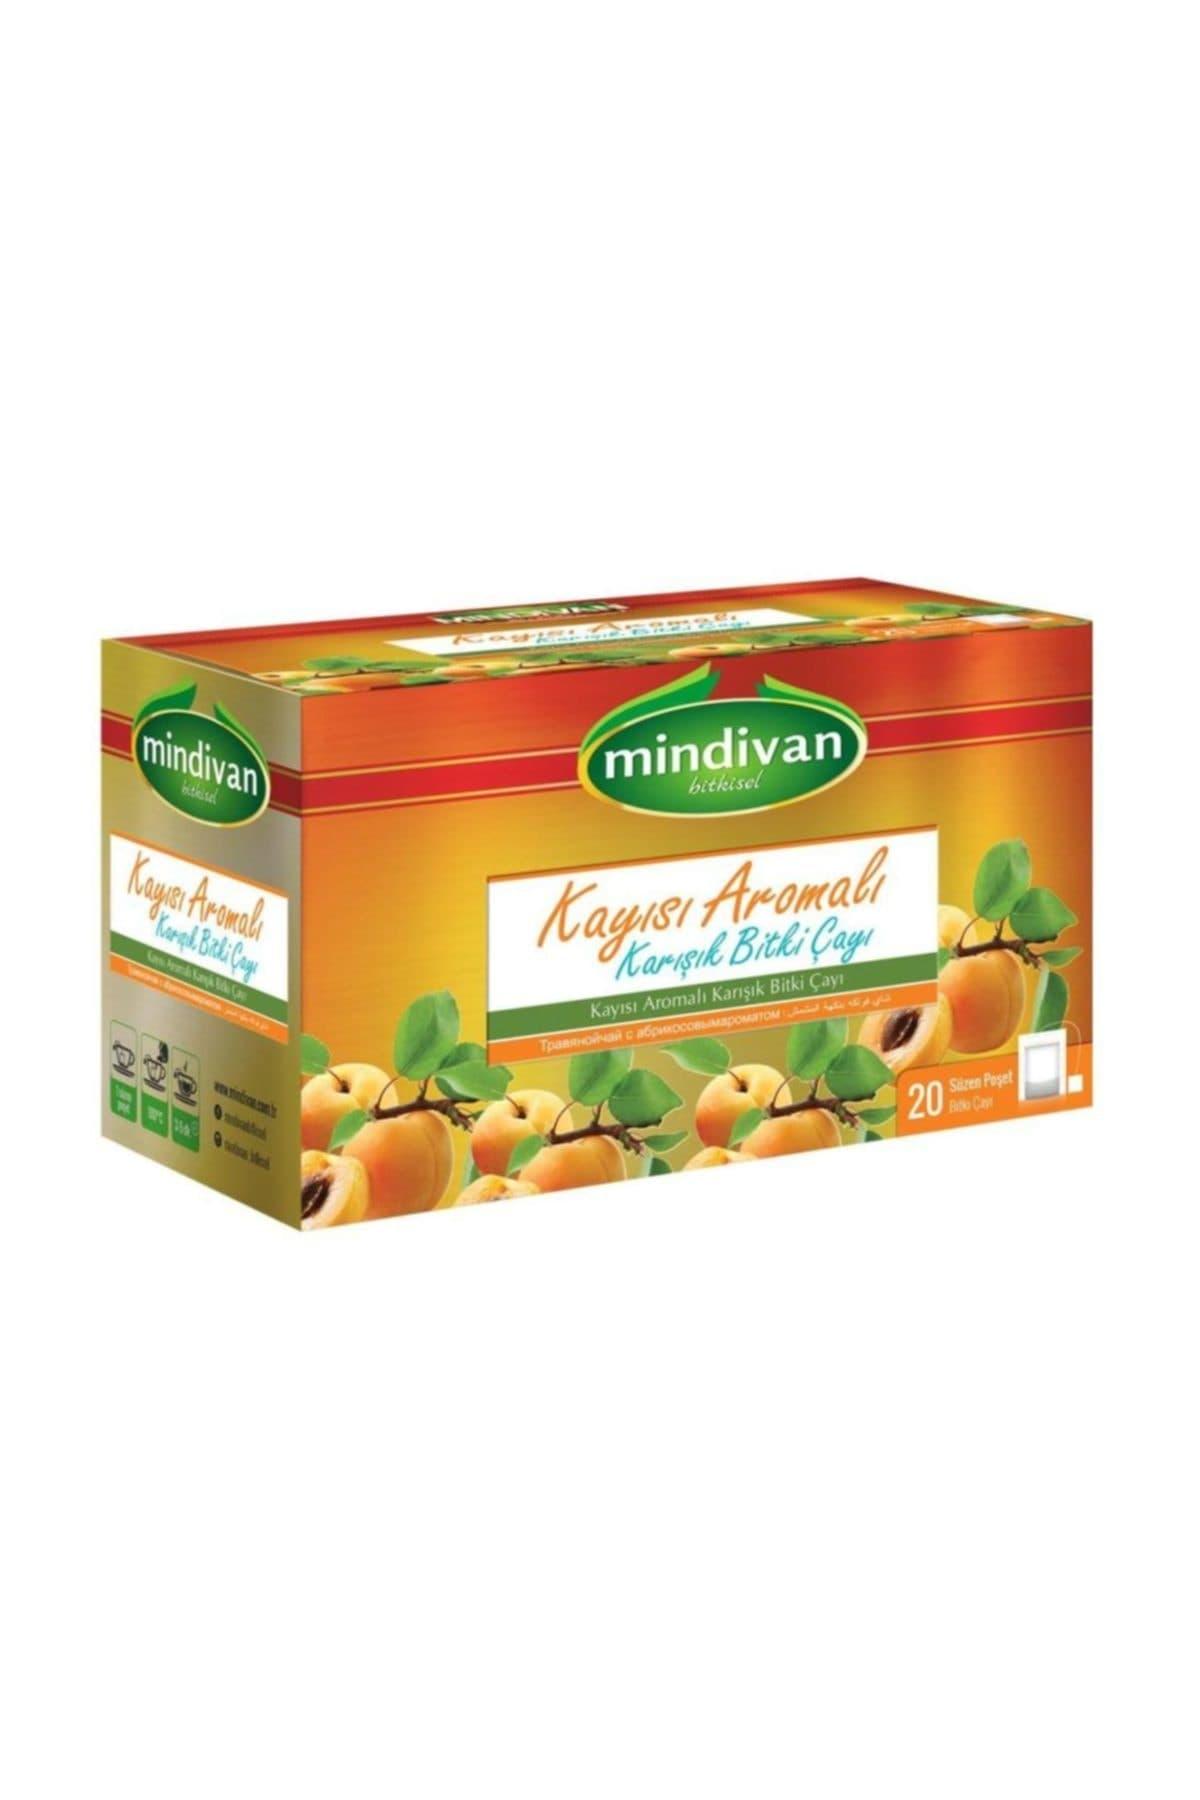 Mindivan Kayısı Aromalı Form Çayı 20'li ürünü